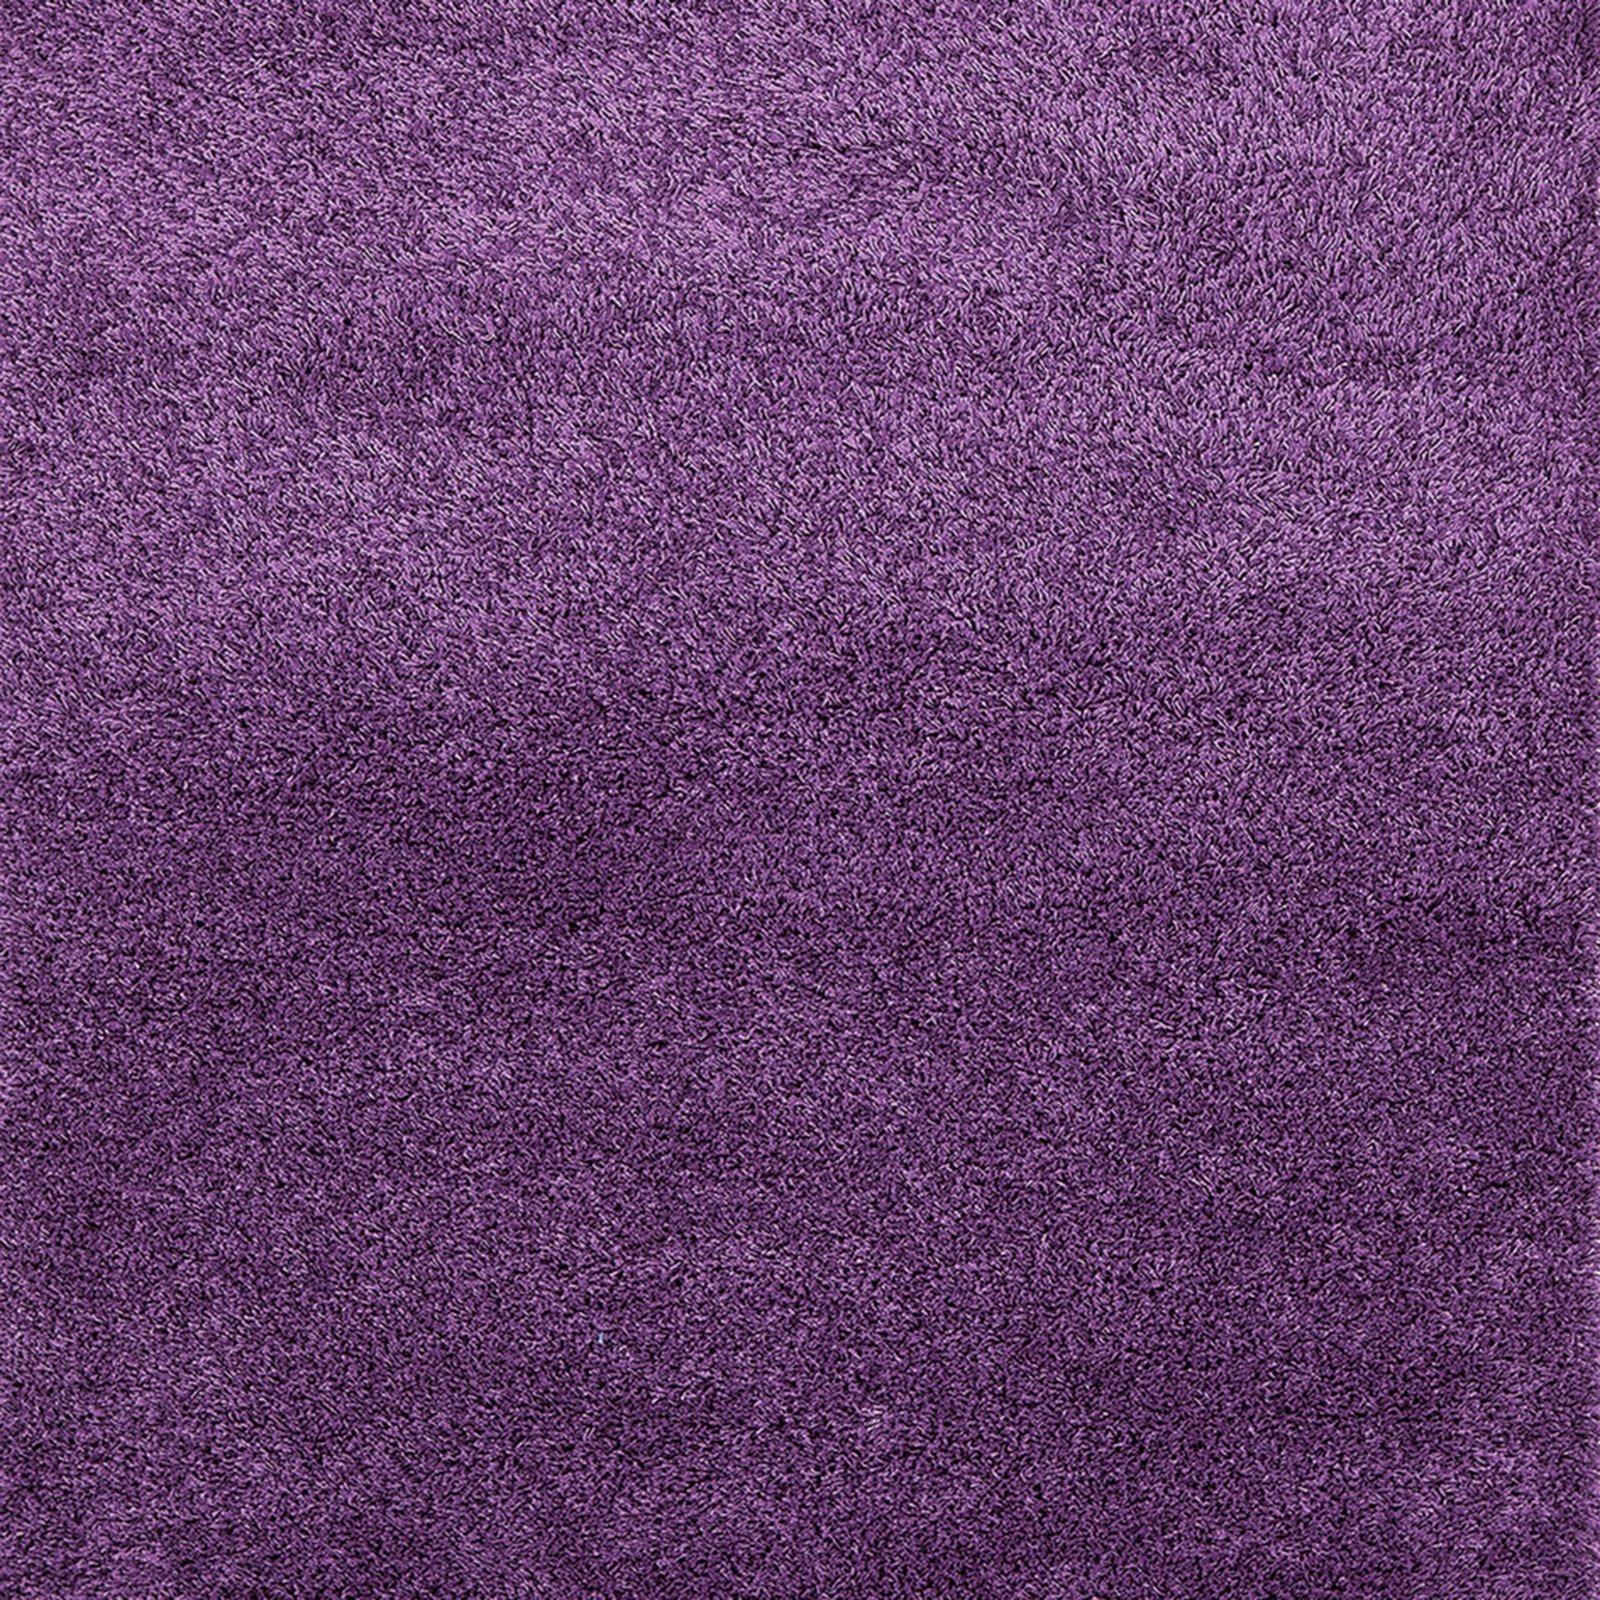 Teppich SHAGGY PLUS - lila - 40x60 cm